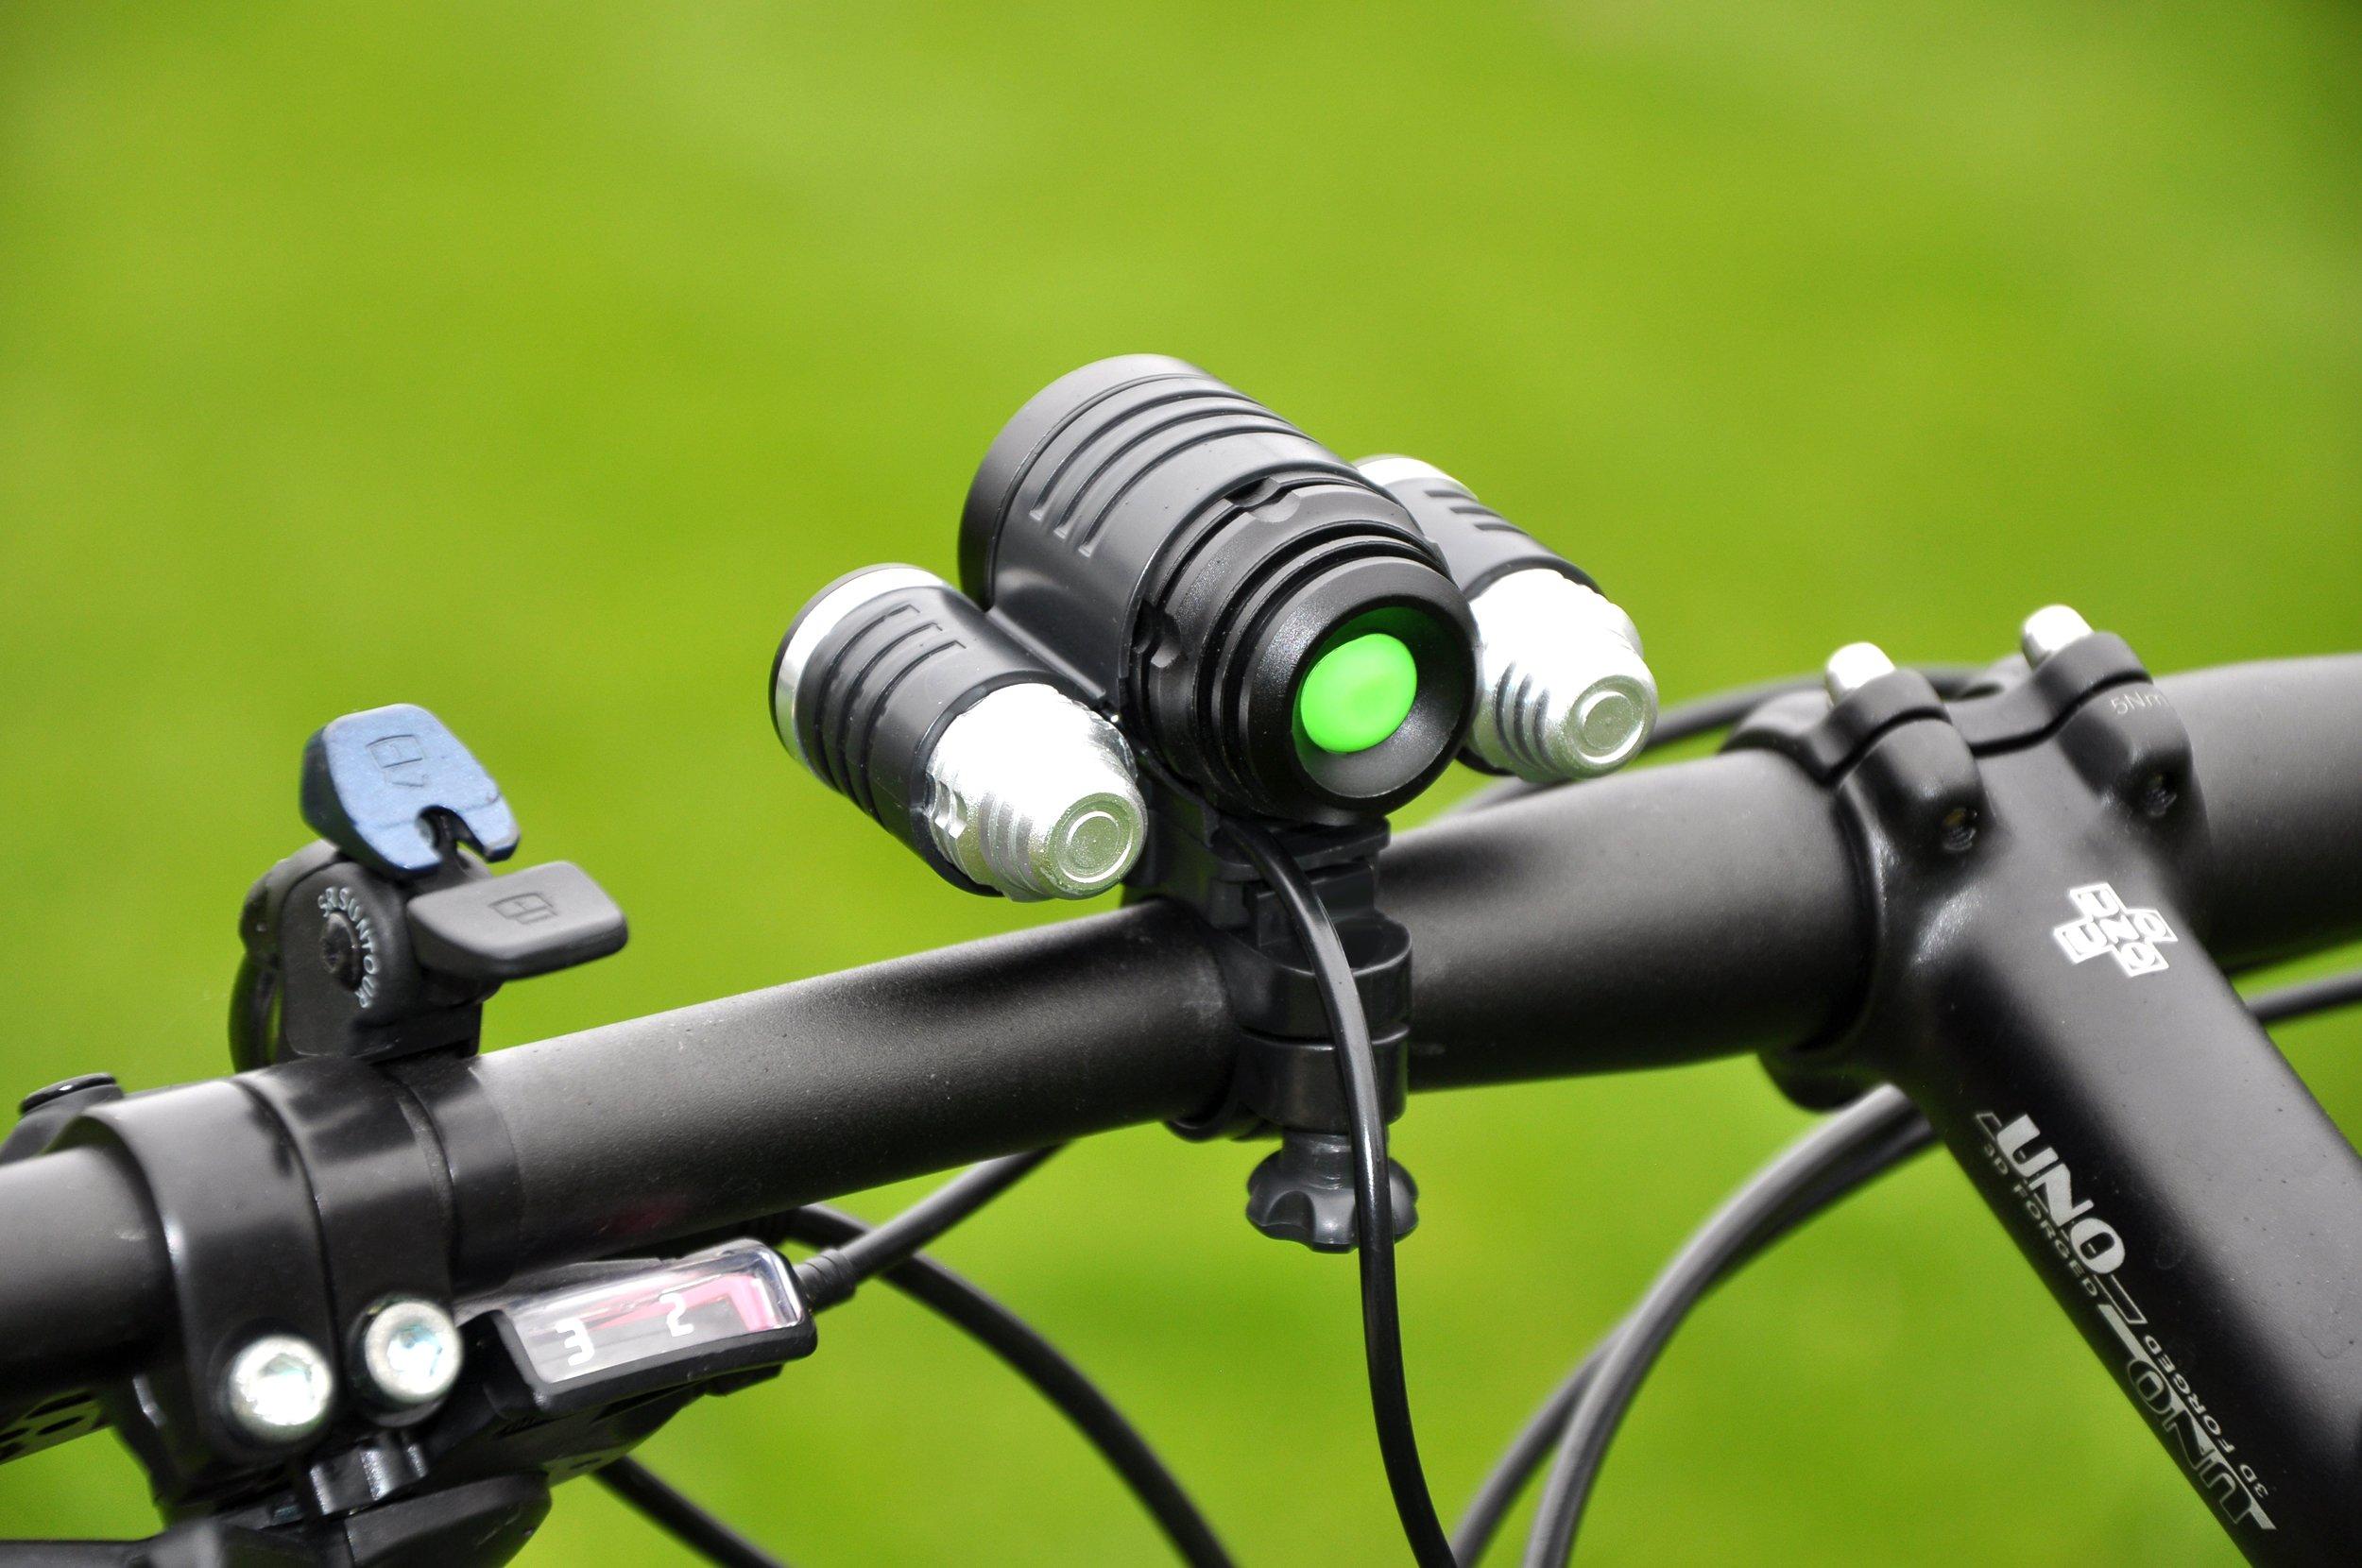 Mocne Oświetlenie Rowerowe Do Roweru Zasięg 1100m